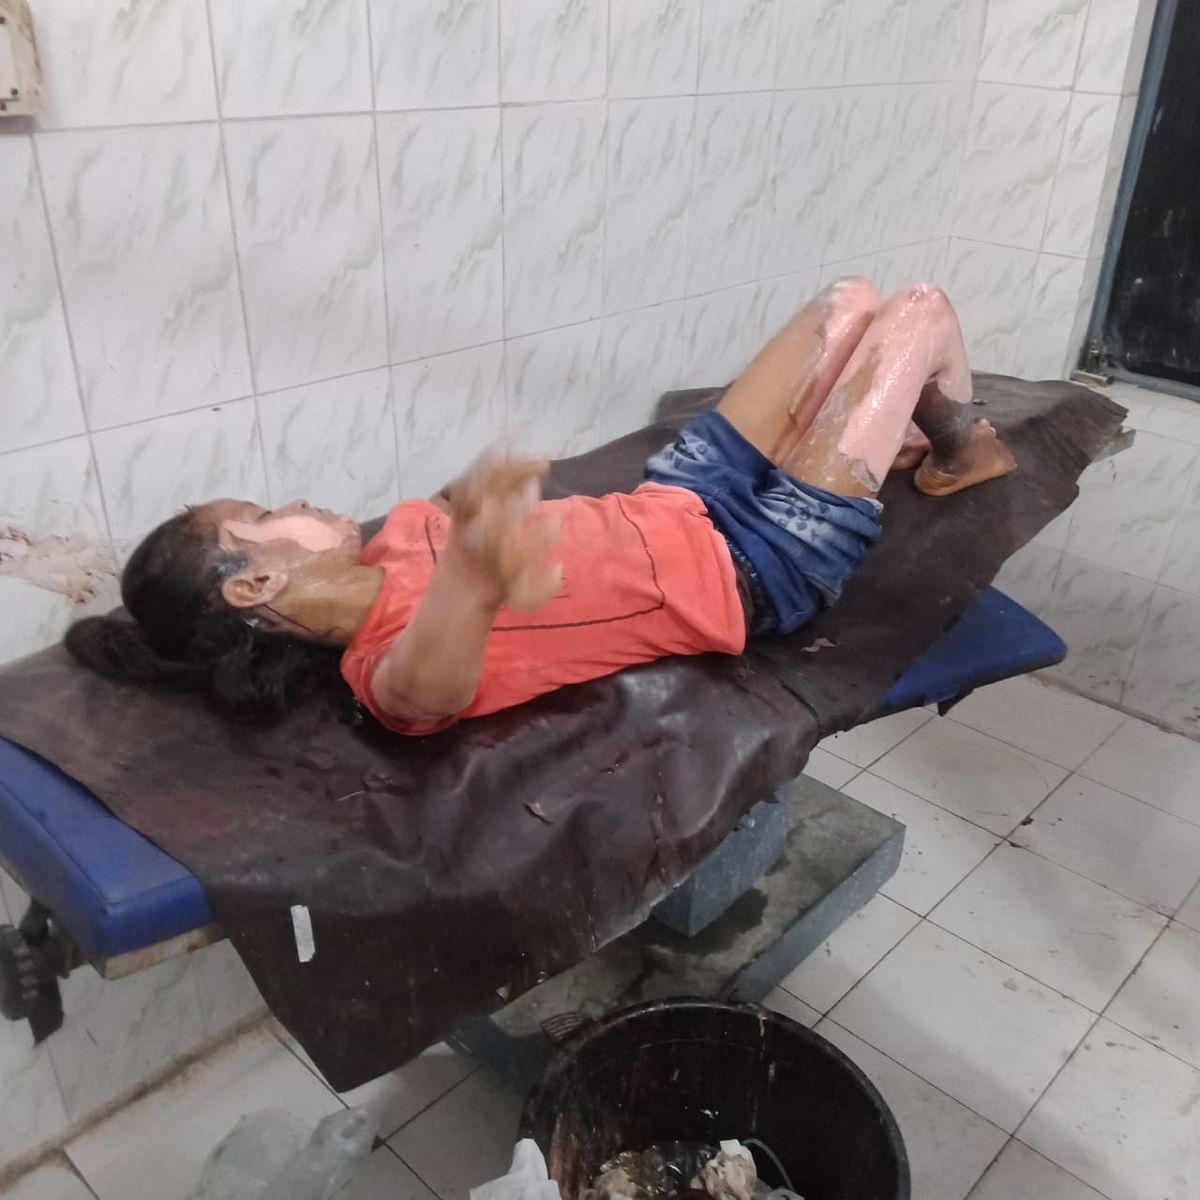 रसोई गैस सिलेंडर विस्फोट से चार बच्चे झुलसे, सदर अस्पताल में भर्ती